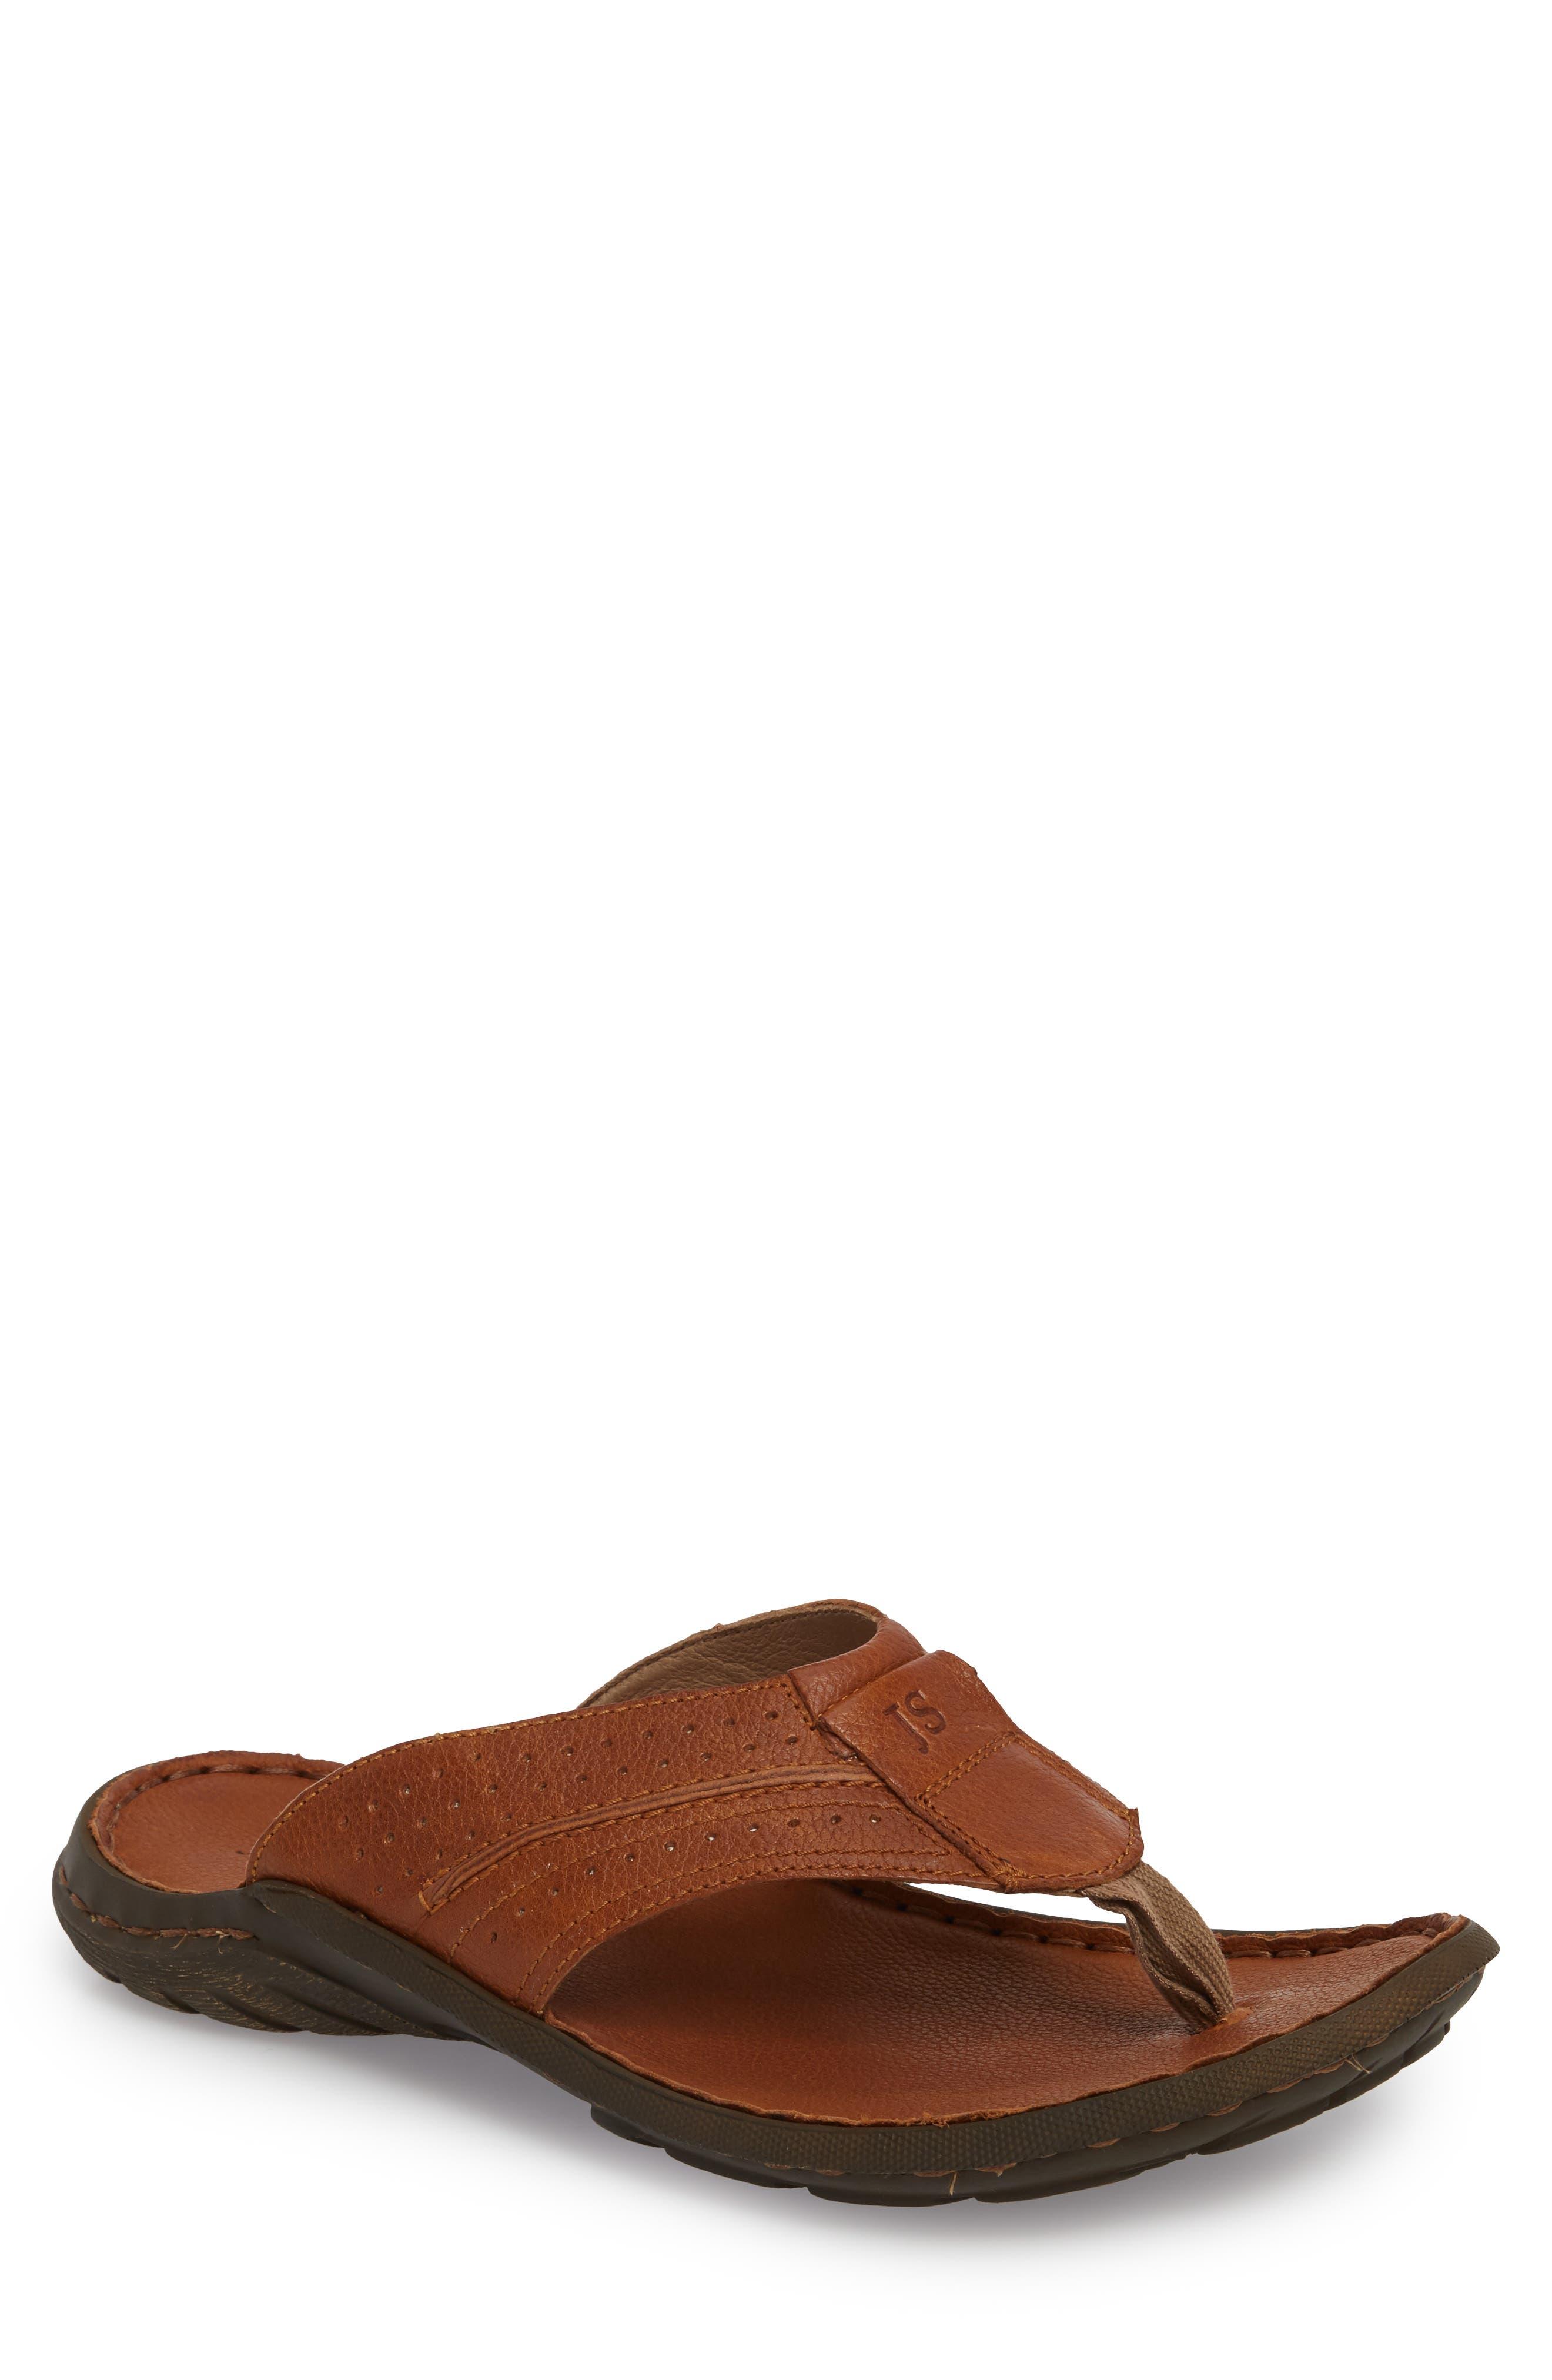 Logan Flip Flop,                             Main thumbnail 1, color,                             Brown Leather